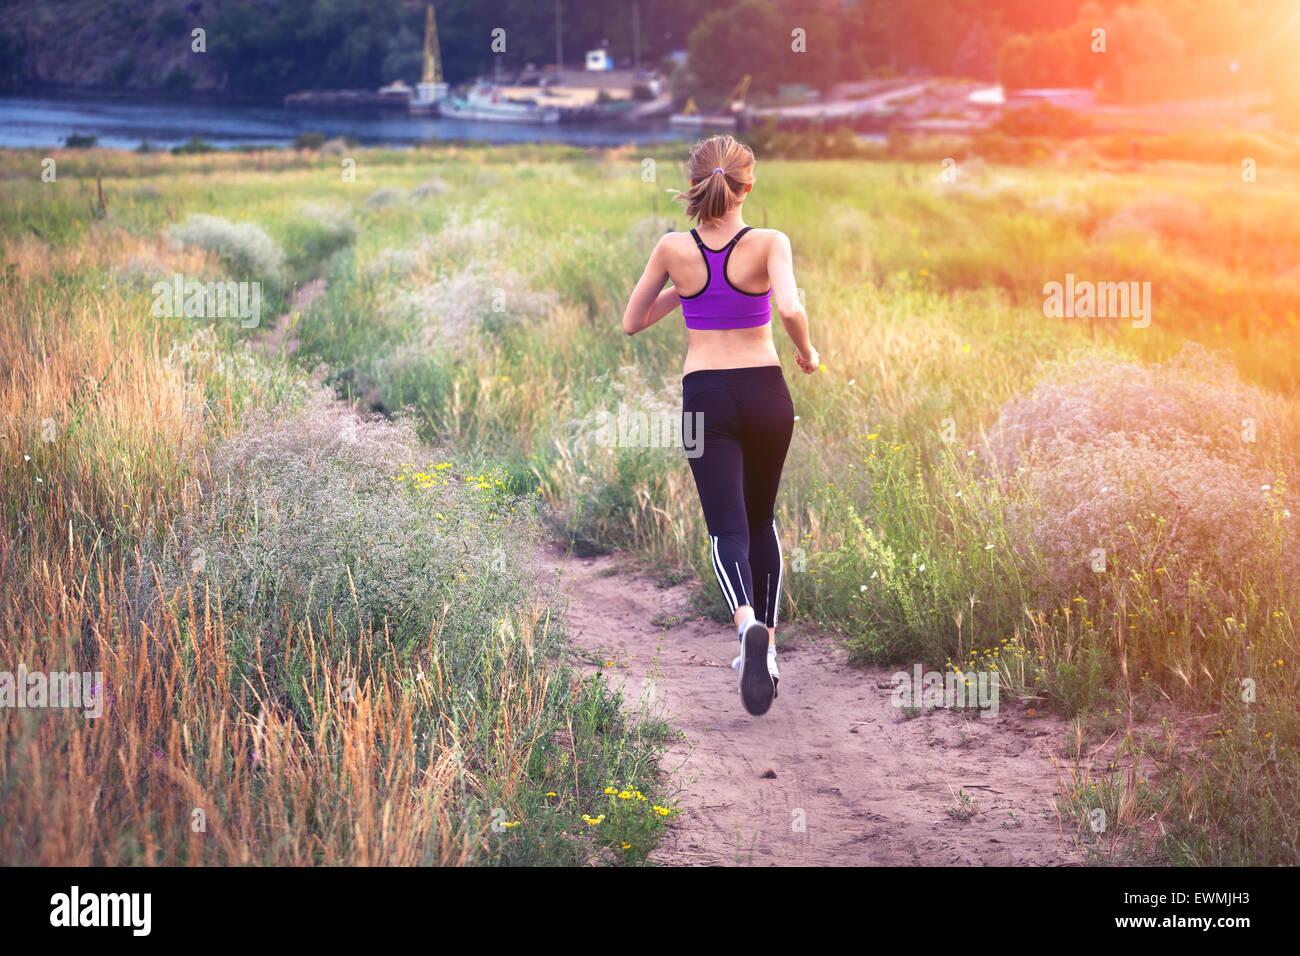 Junge Frau läuft auf einer Landstraße bei Sonnenuntergang in Sommerwiese. Lifestyle-Sport-Hintergrund Stockbild